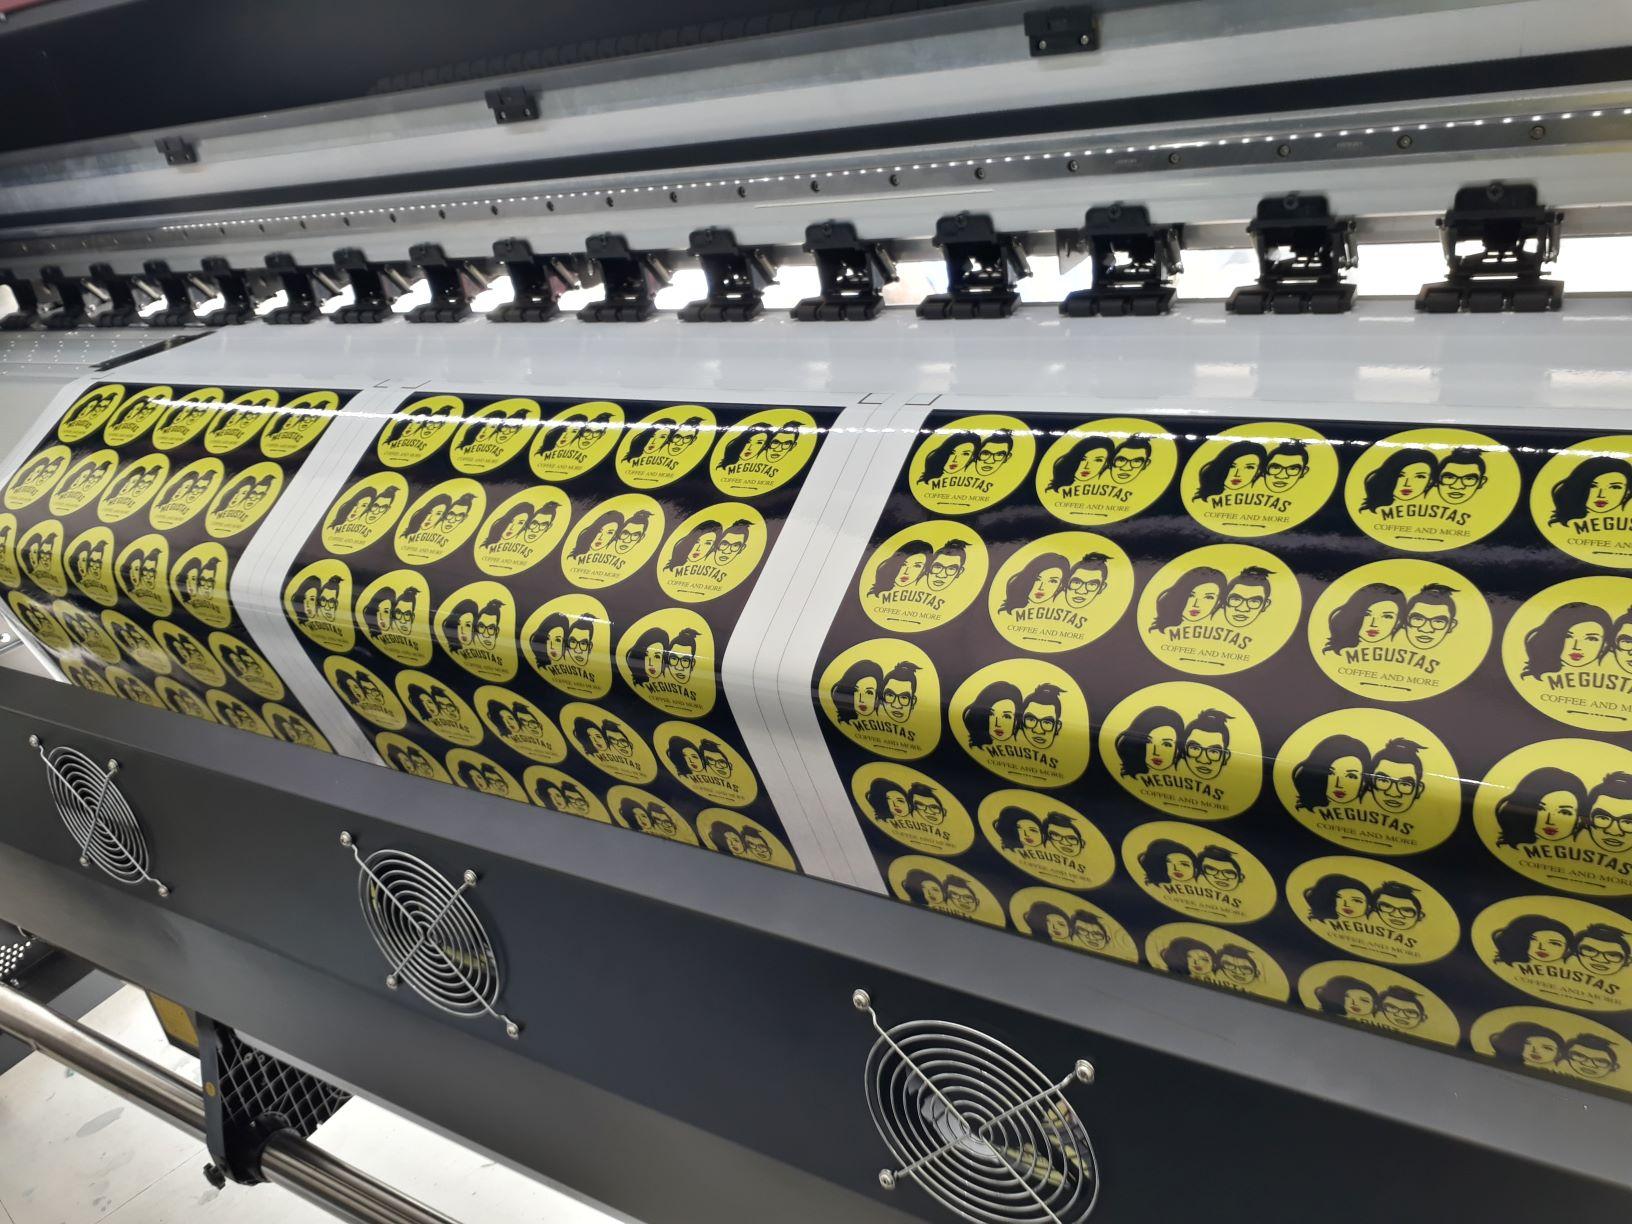 Decal được sử dụng phổ biến để làm các sản phẩm dán trang trí, làm tem nhãn dán.